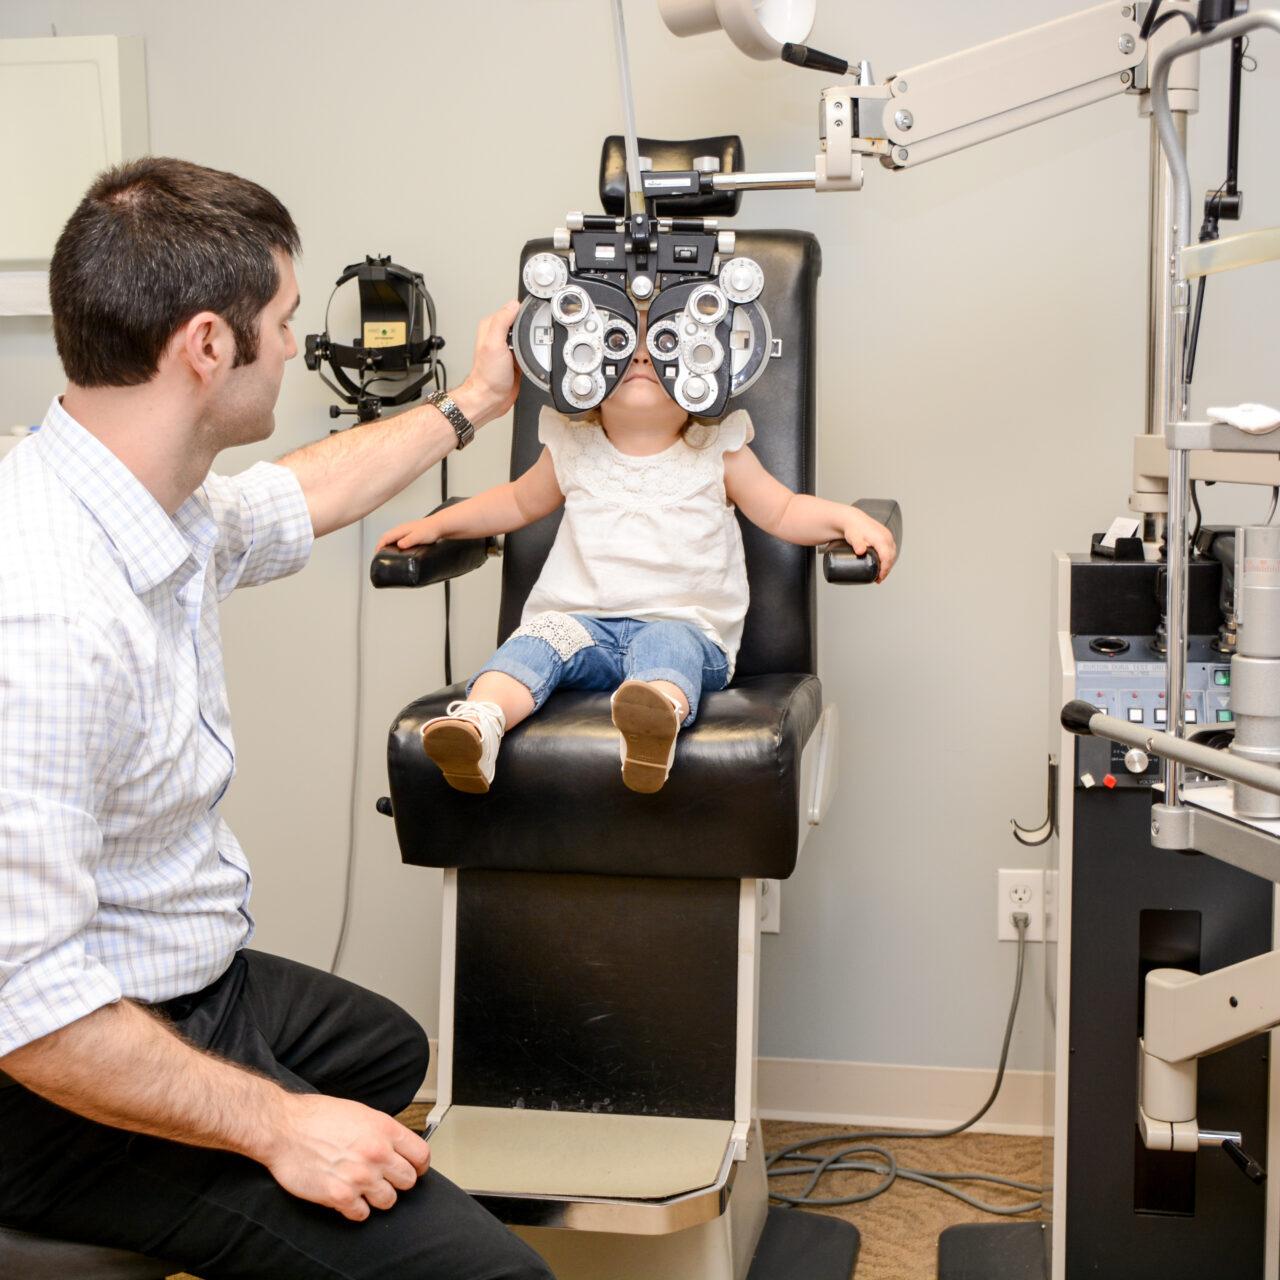 dr Thirion a pediatric eye doctor in broken arrow doing a pediatric eye exam